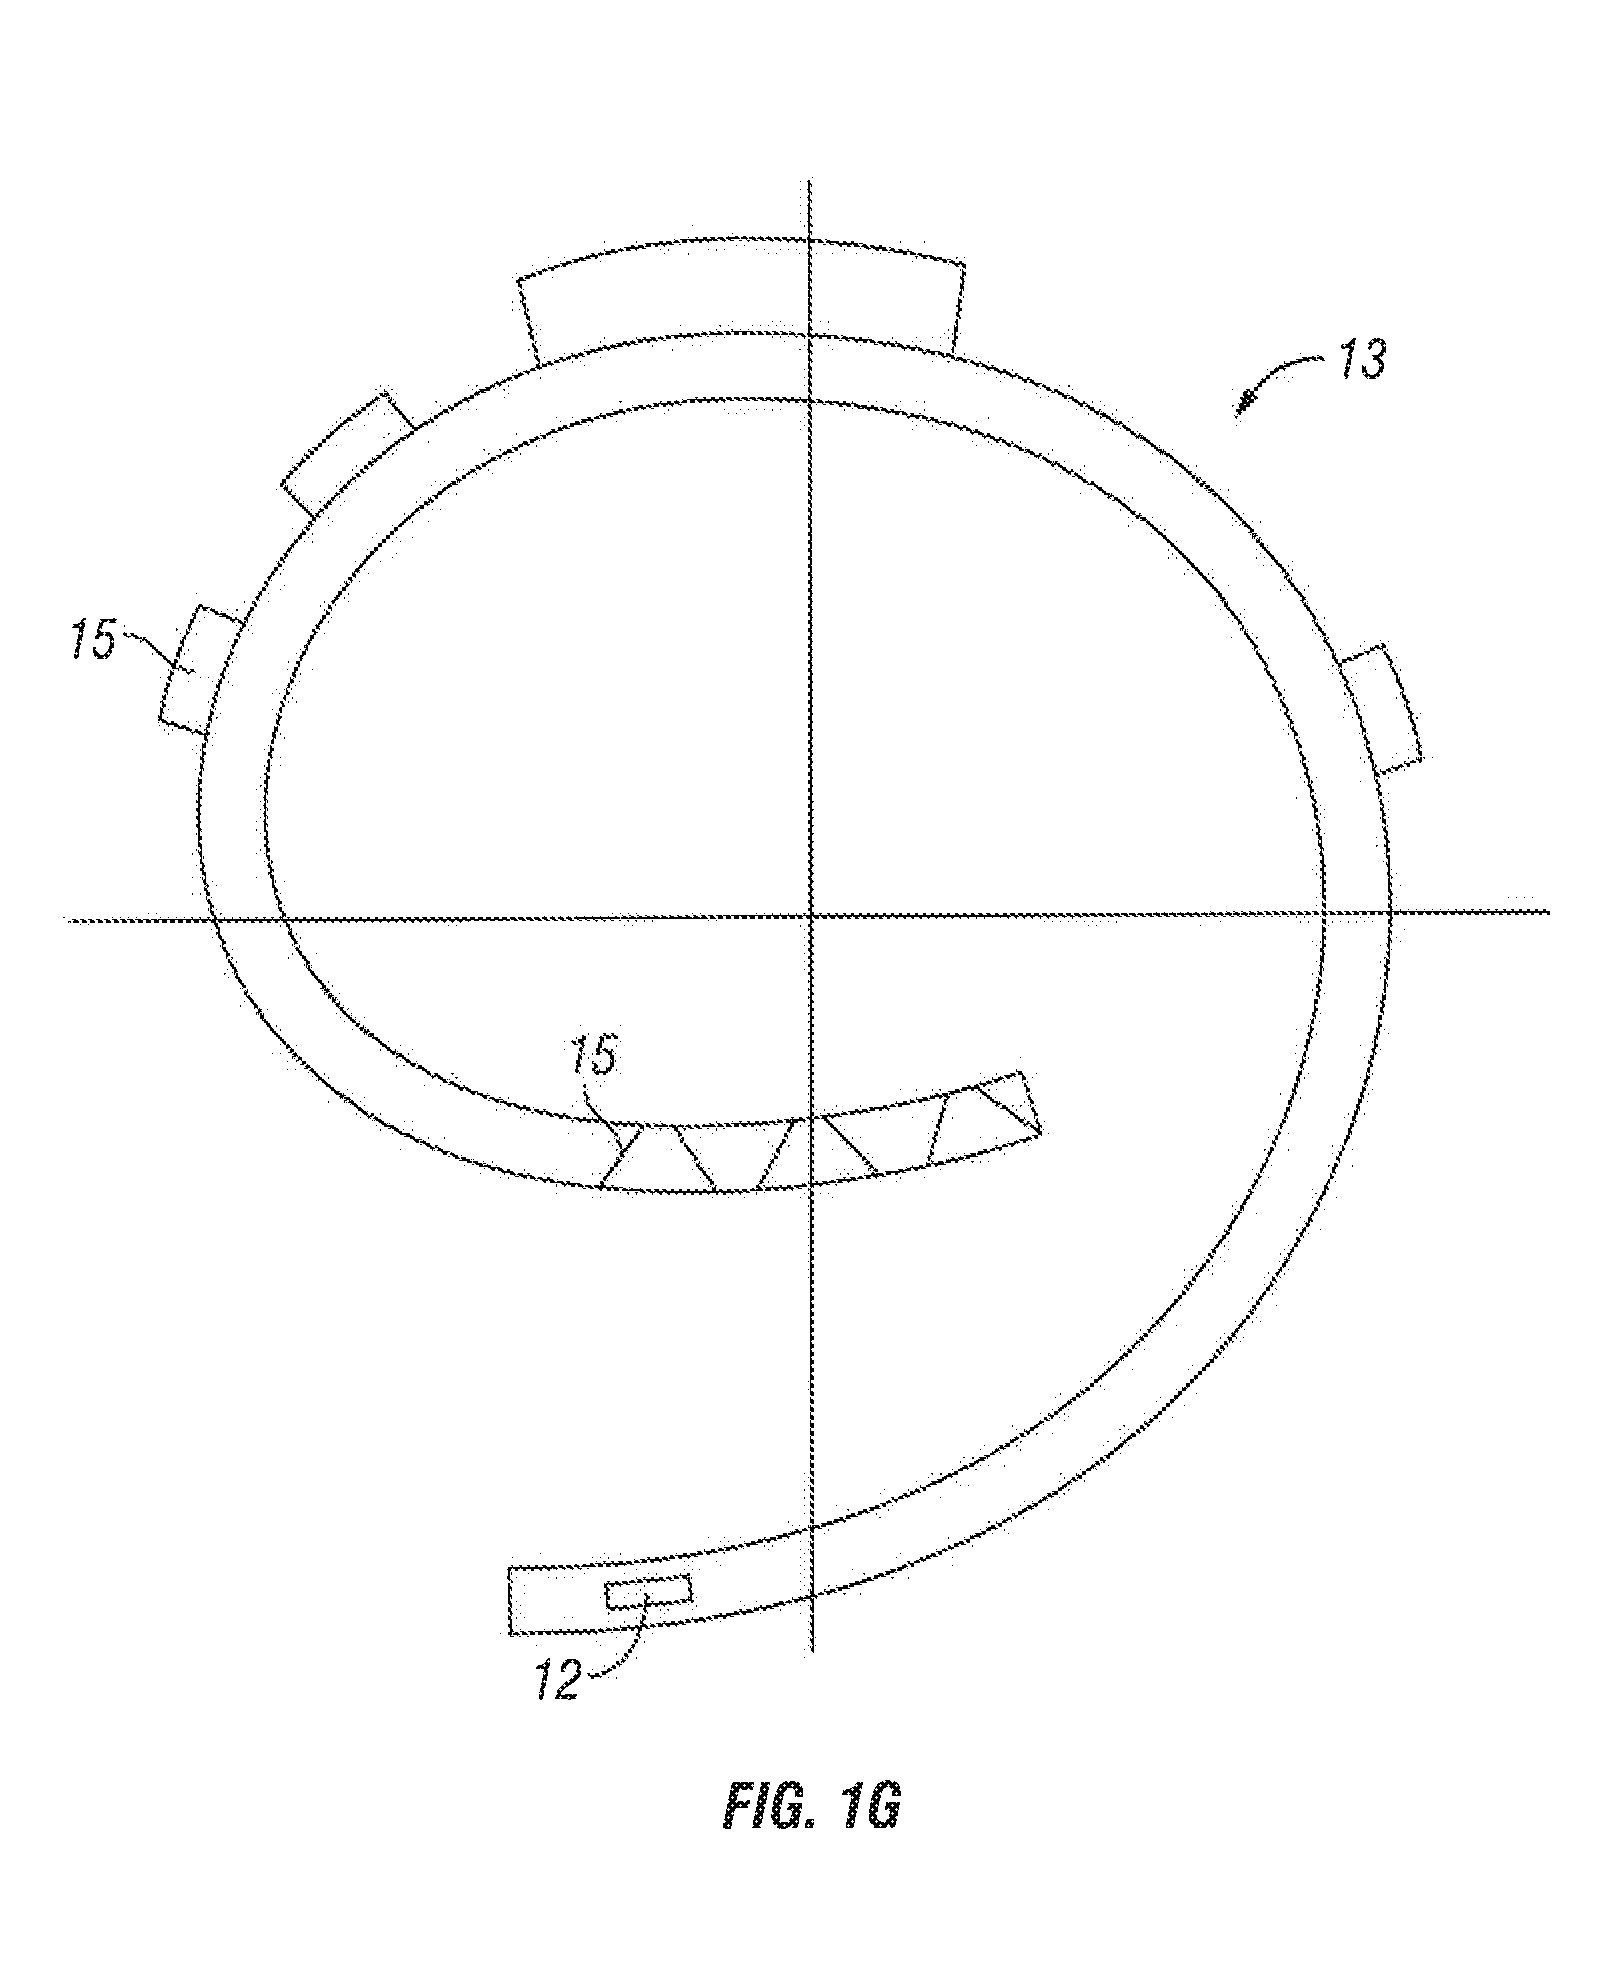 97 Millenium 2 5 Engine Diagram